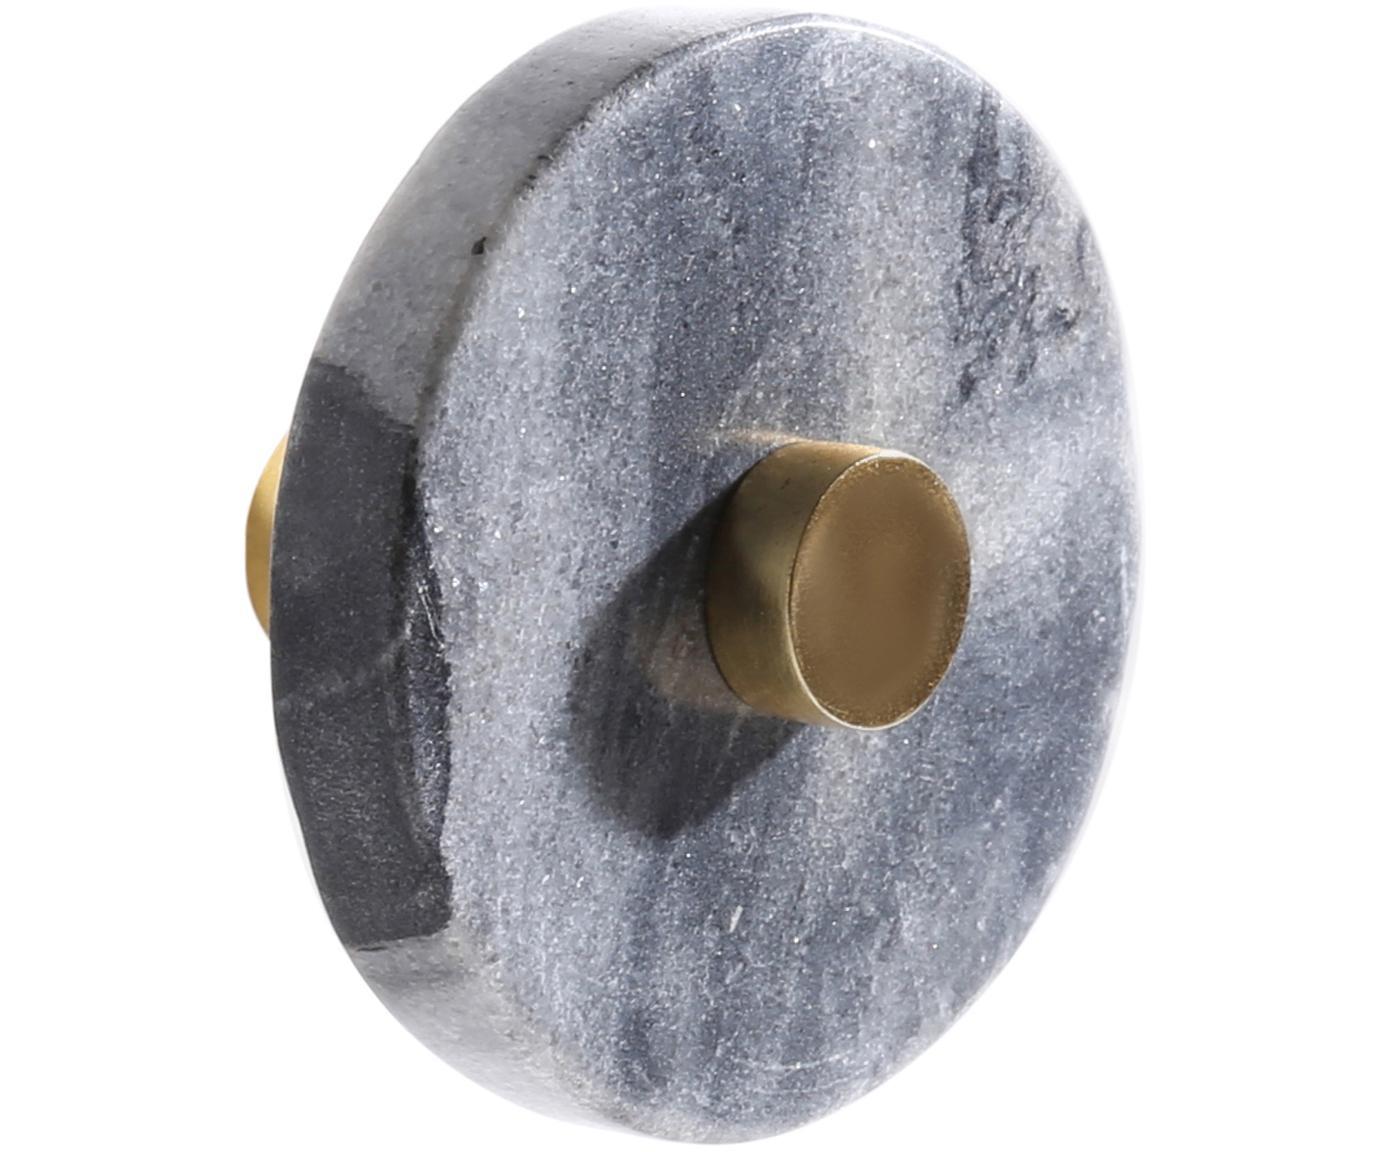 Hak ścienny z marmuru Jona, Szary, marmurowy, mosiądz, Ø 5 x G 8 cm